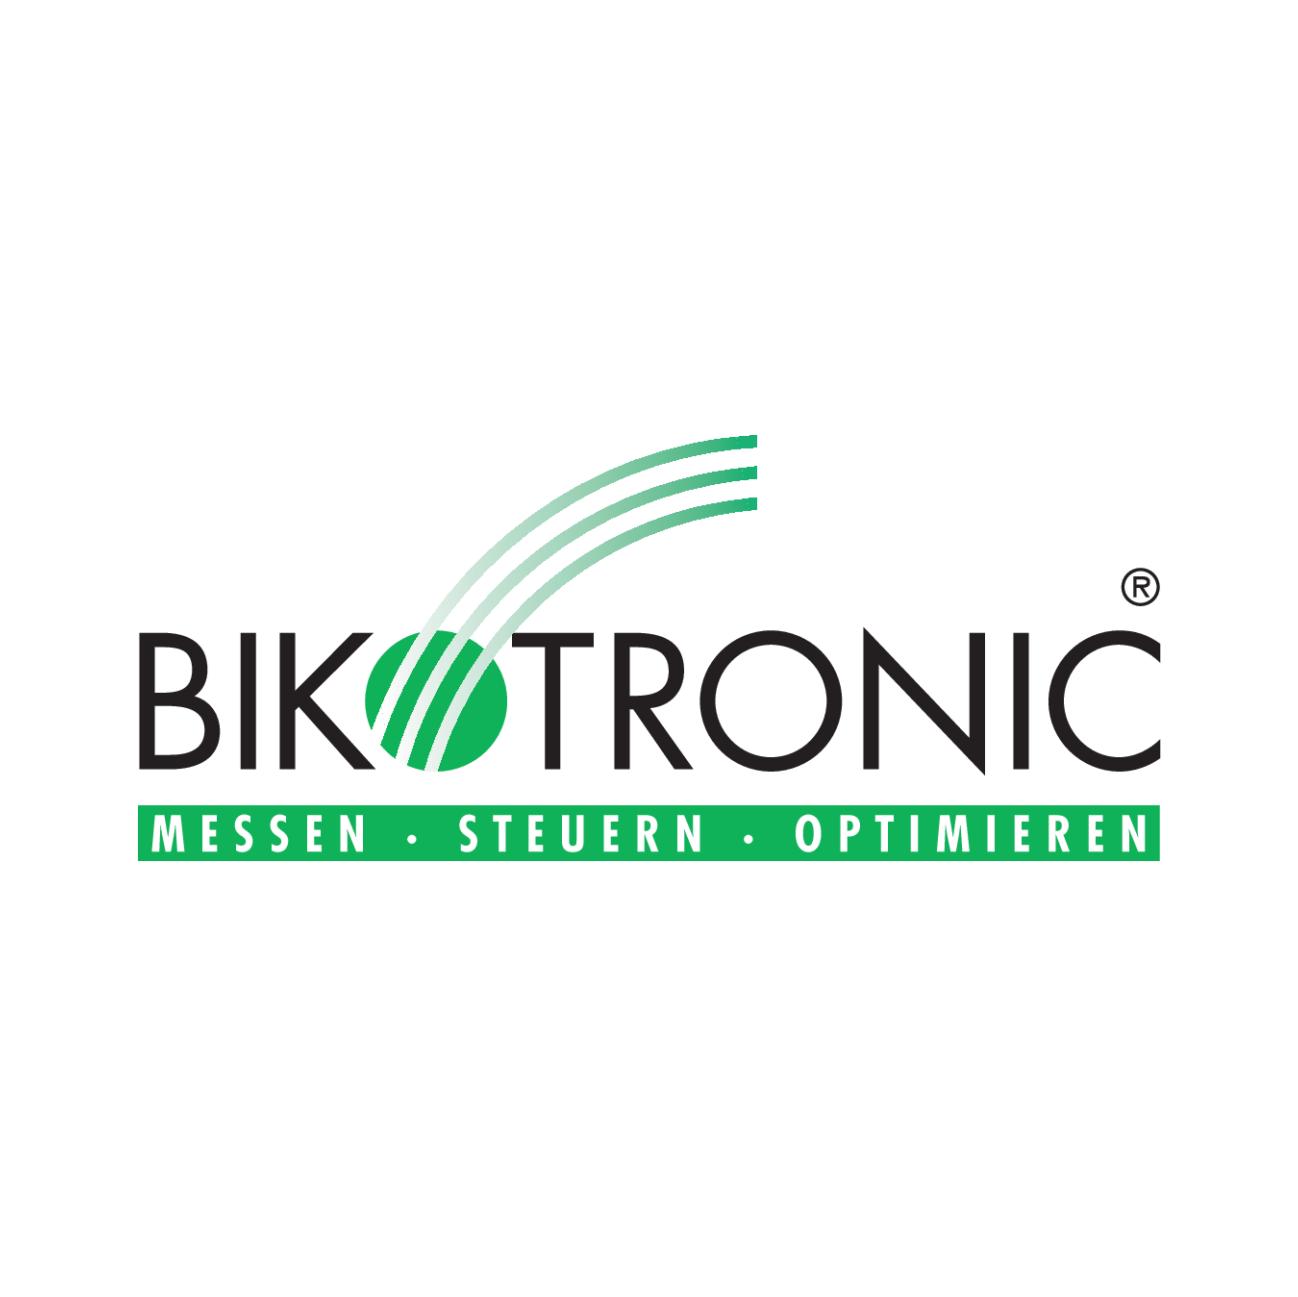 Công ty Bikotronic